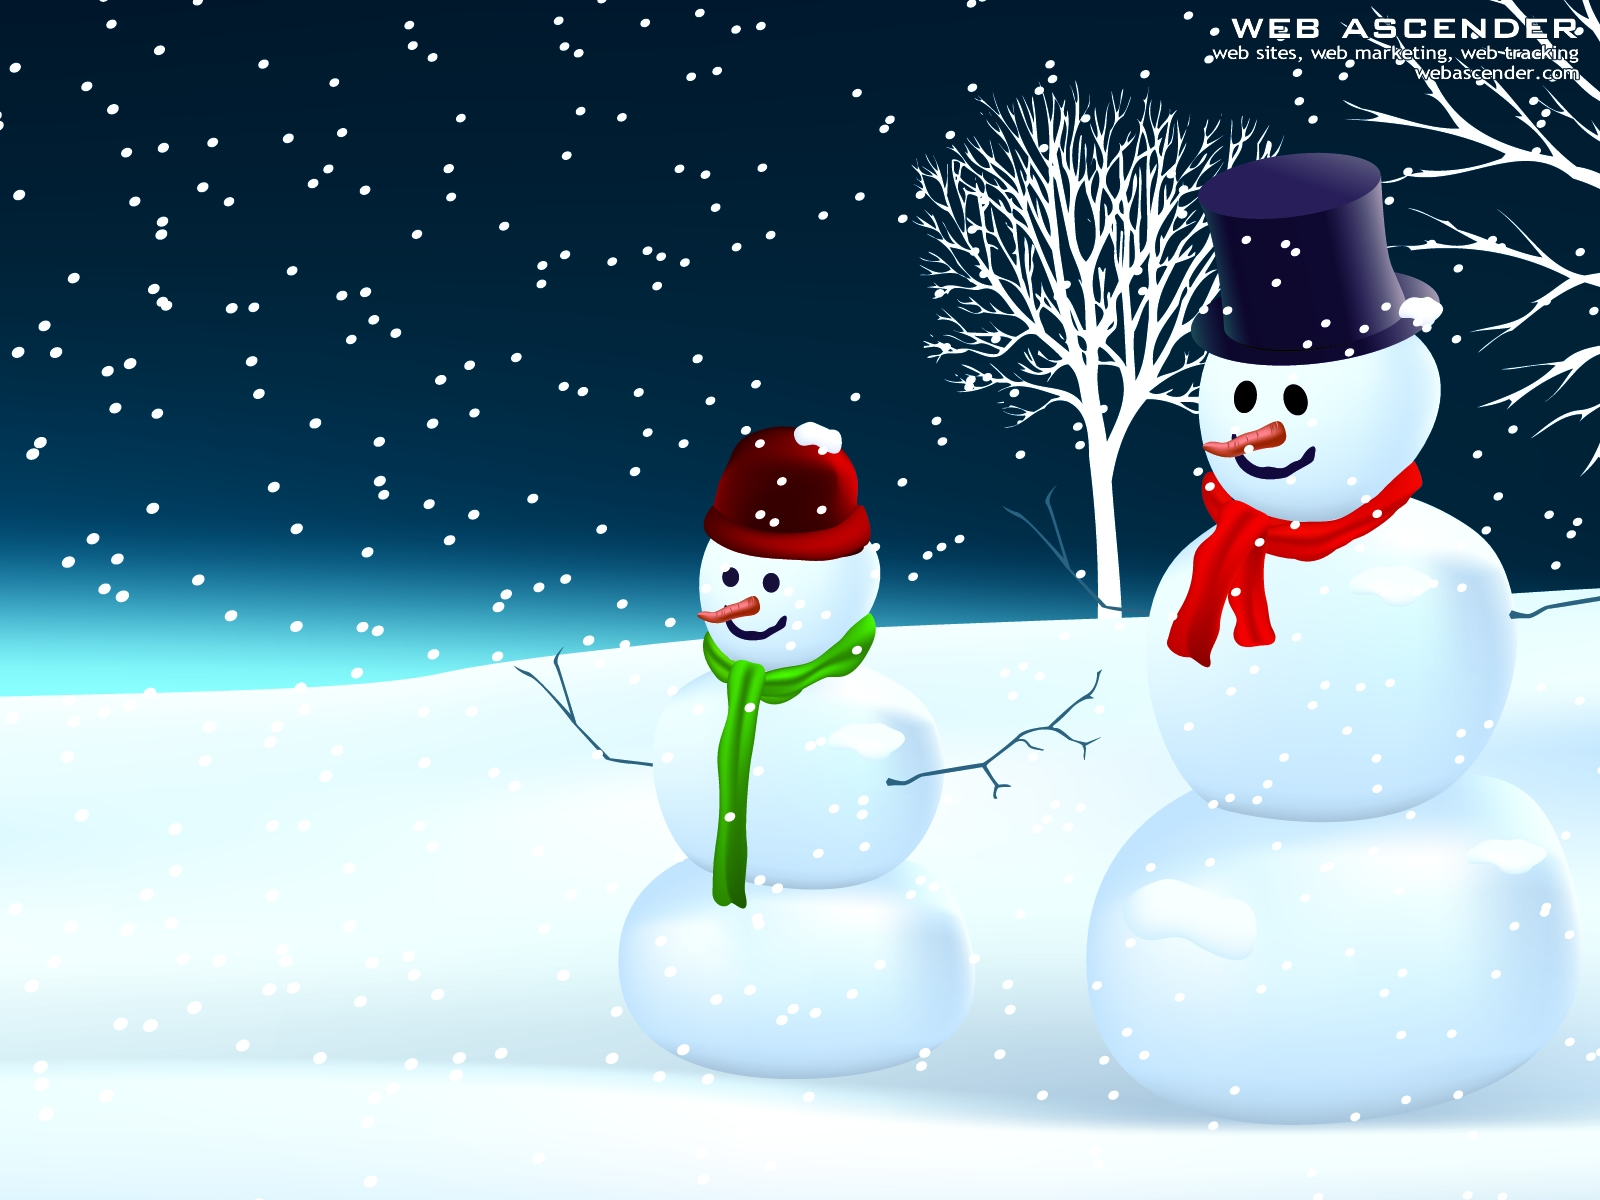 Funny Snowman Wallpaper  WallpaperSafari